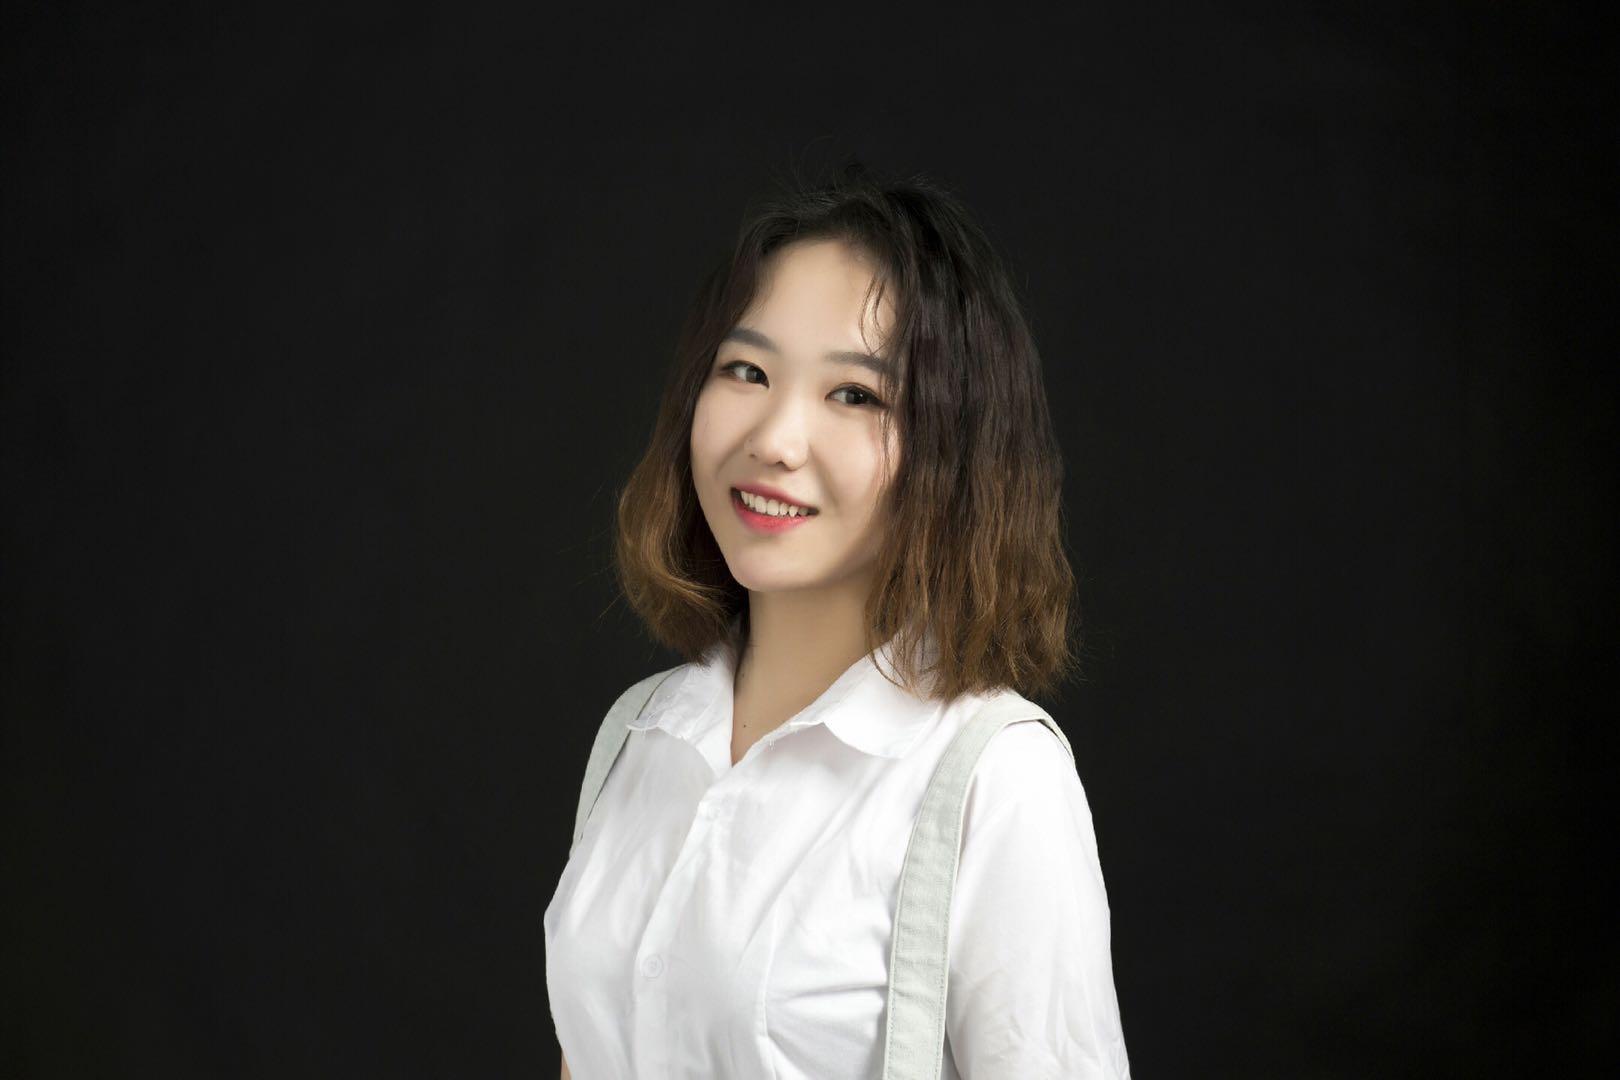 黄子文-苏州大学艺考老师